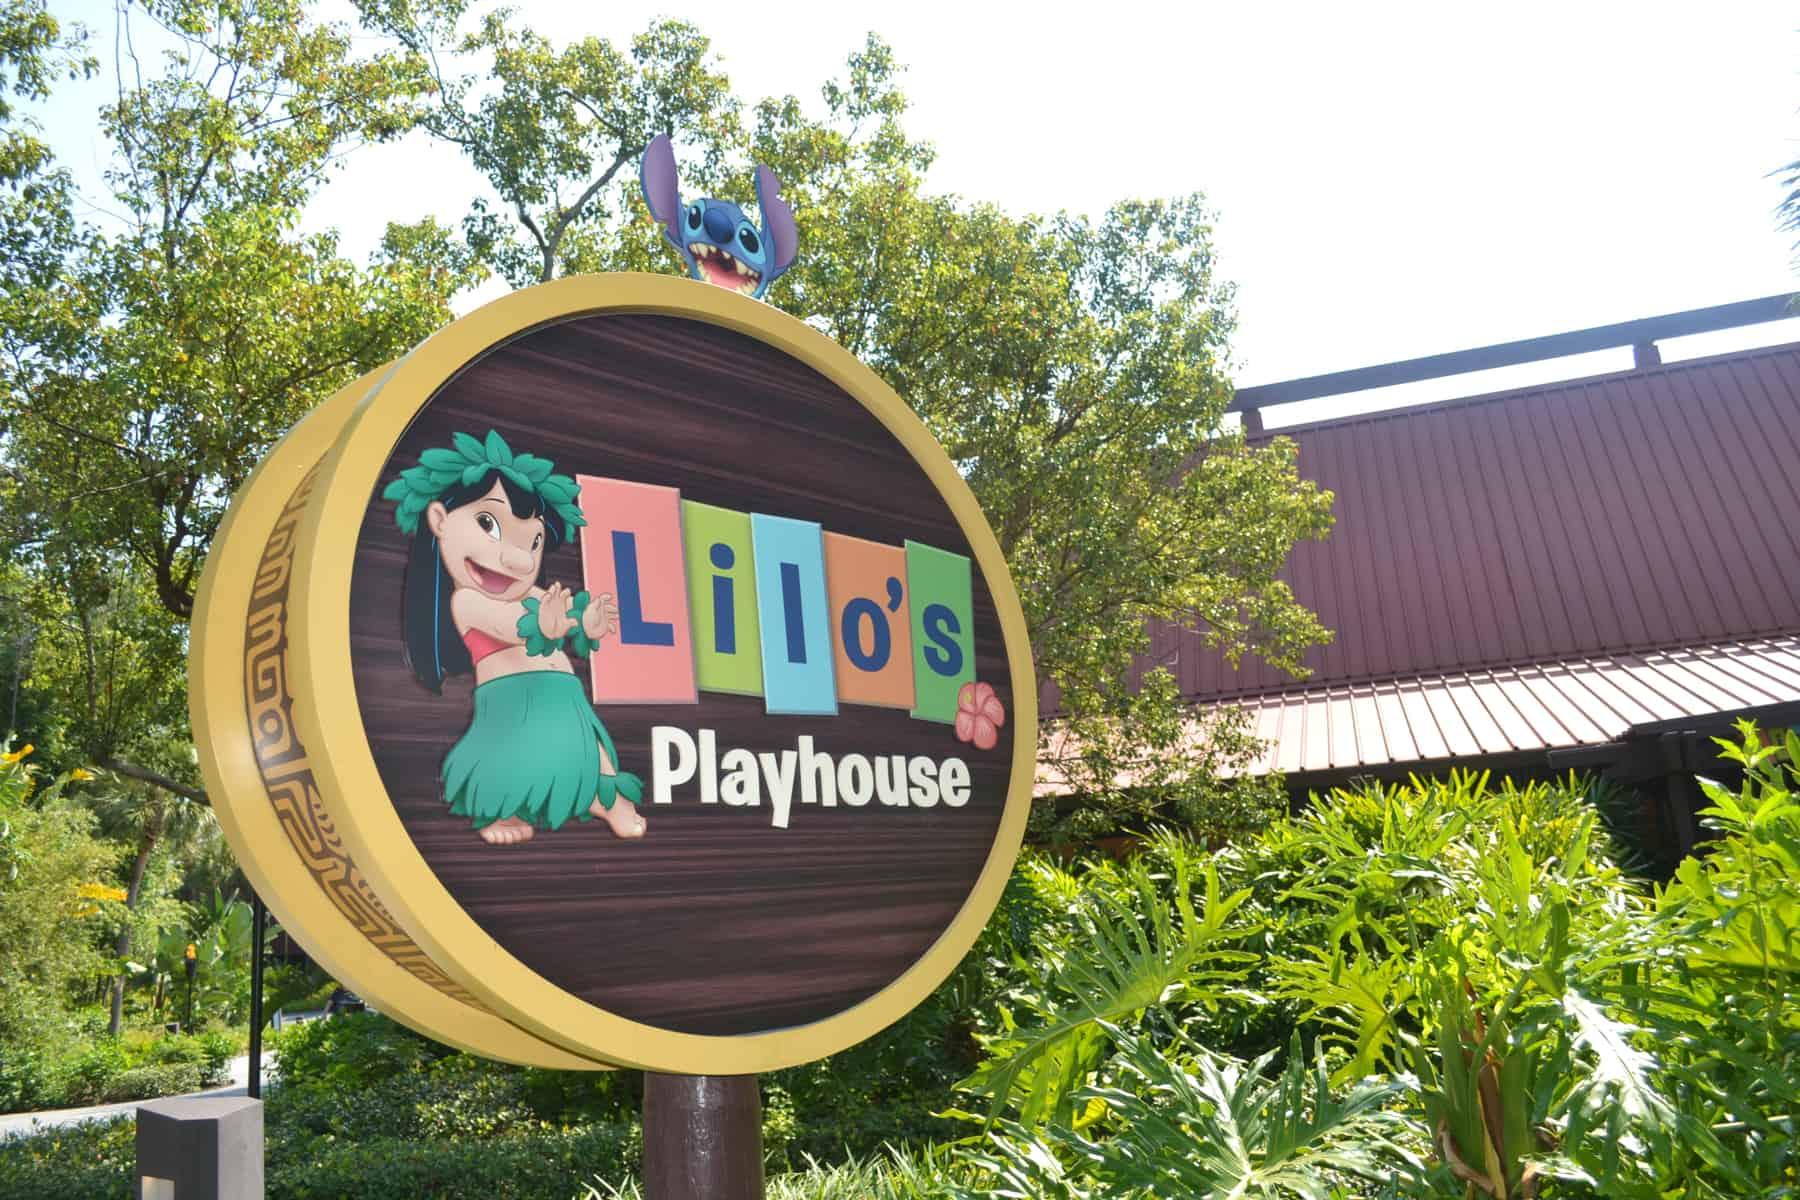 Lilos Playhouse